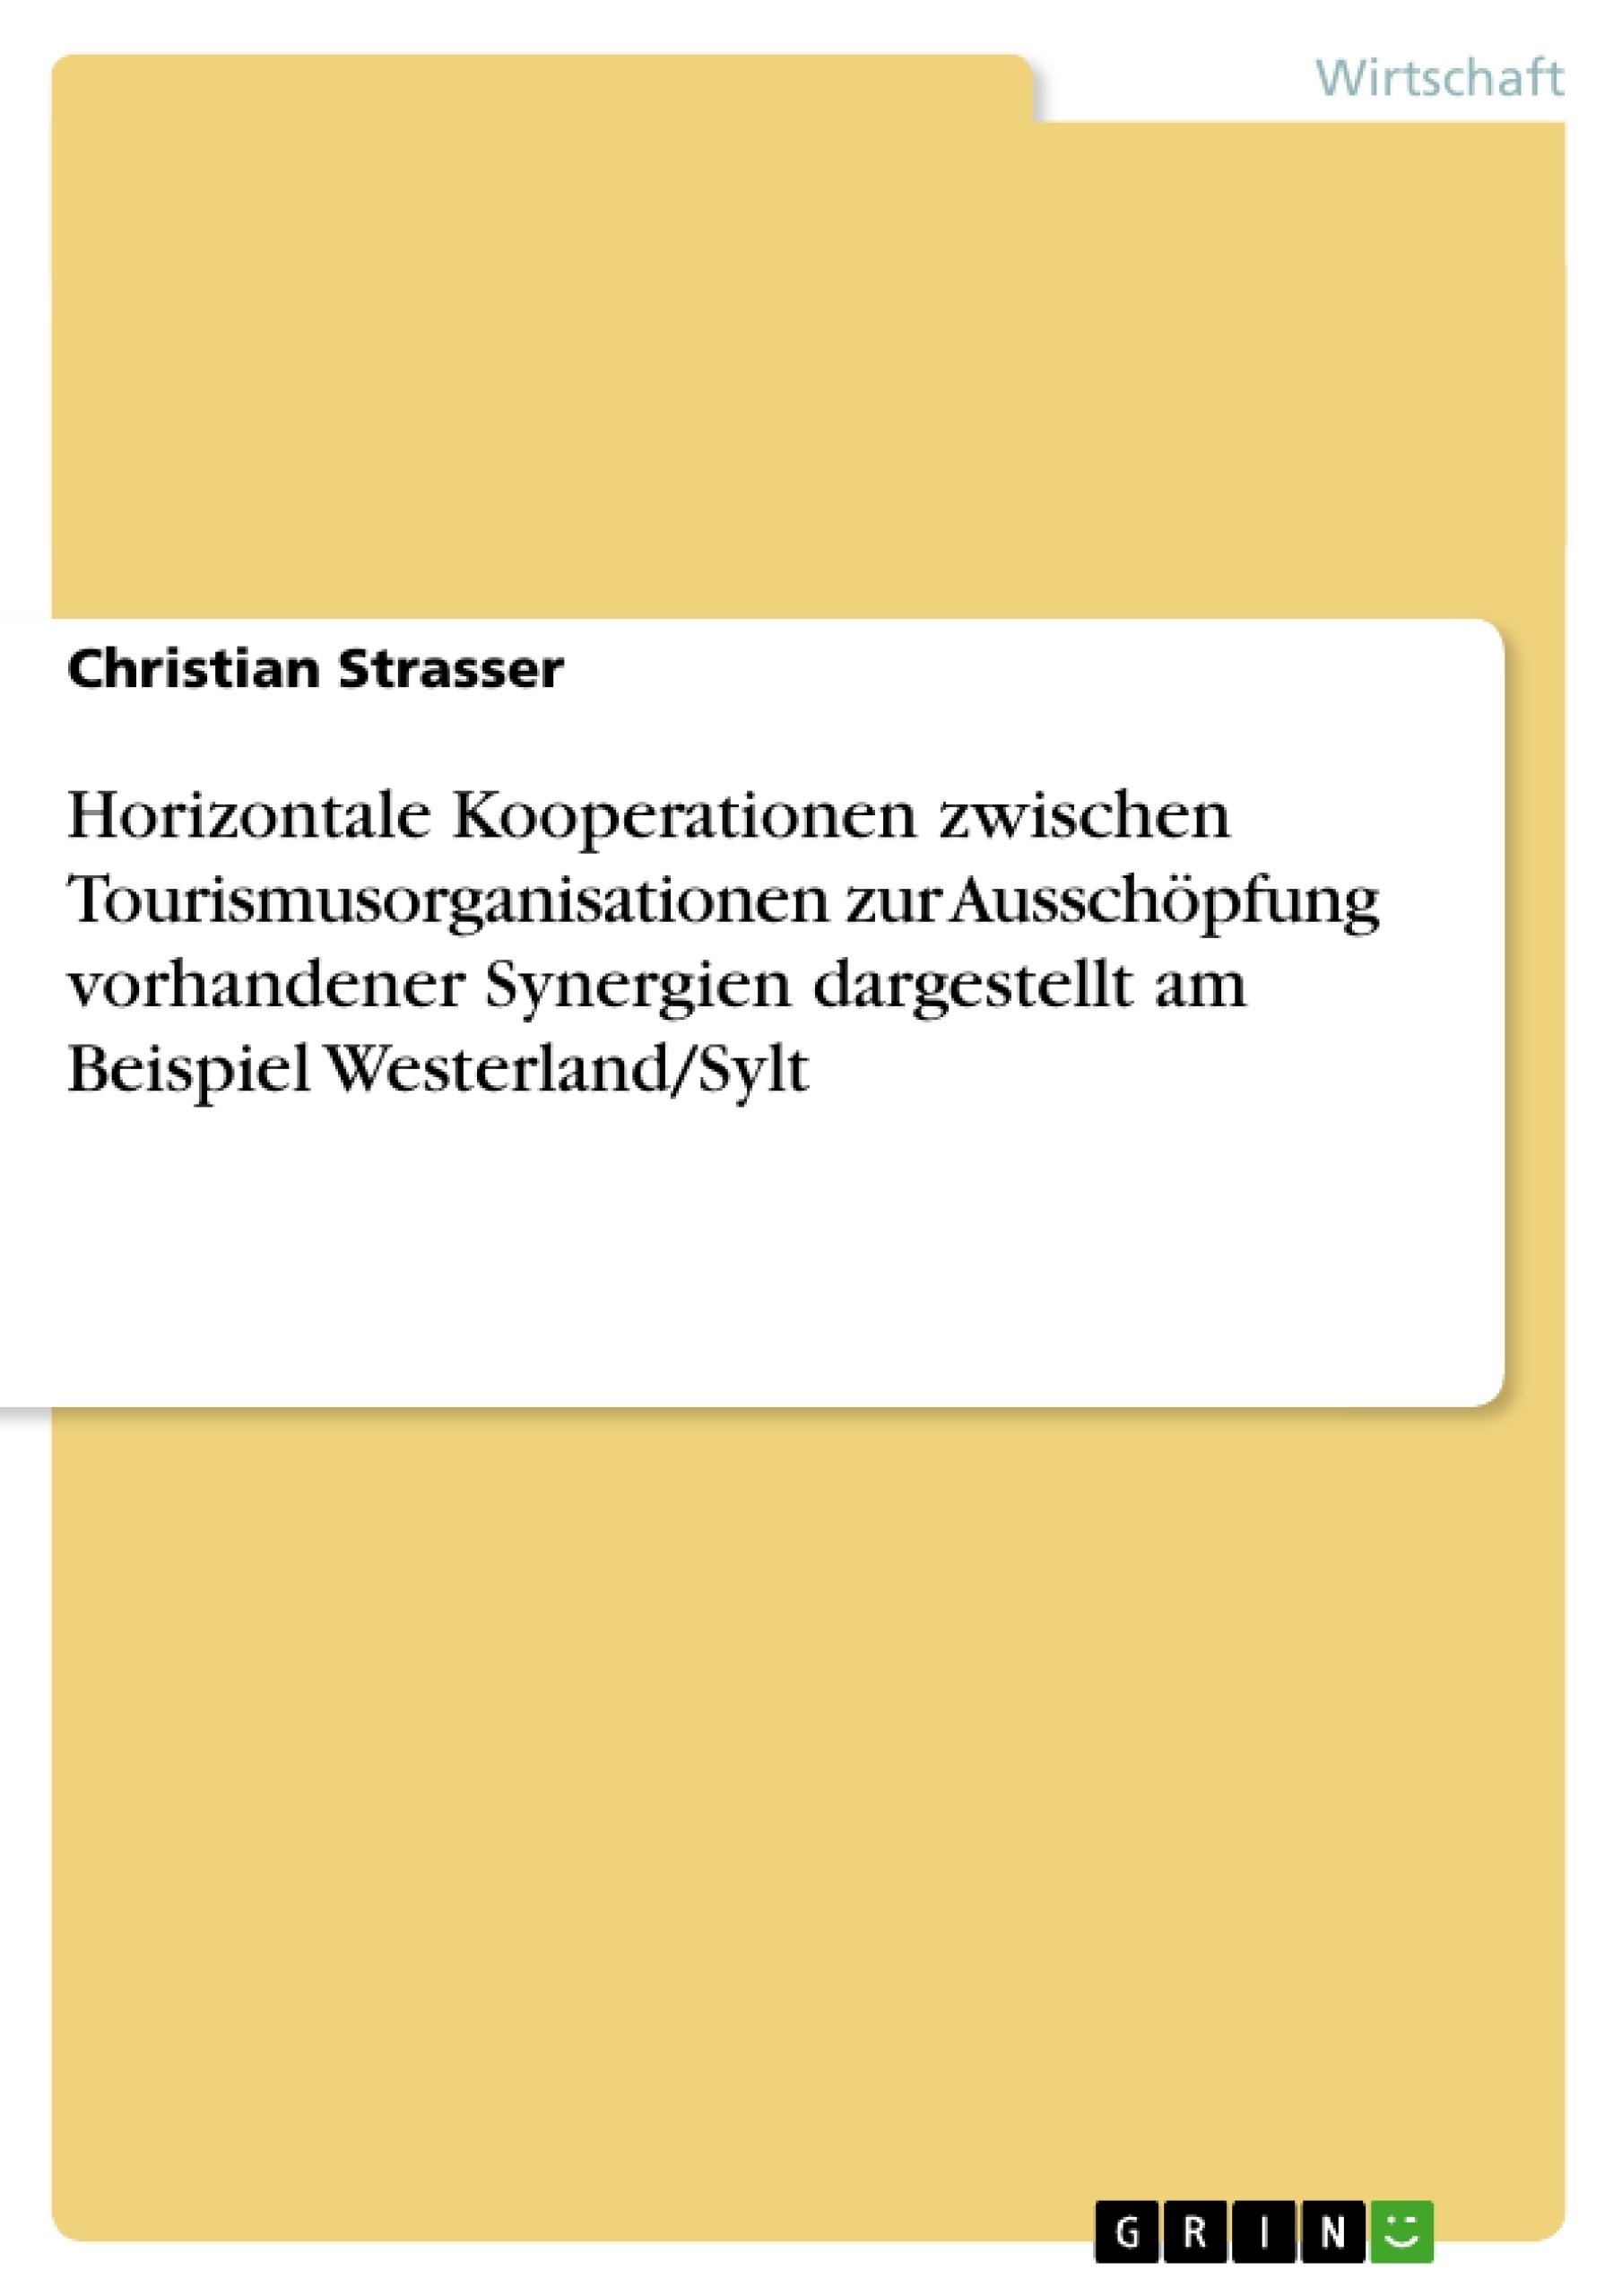 Titel: Horizontale Kooperationen zwischen Tourismusorganisationen zur Ausschöpfung vorhandener Synergien dargestellt am Beispiel Westerland/Sylt